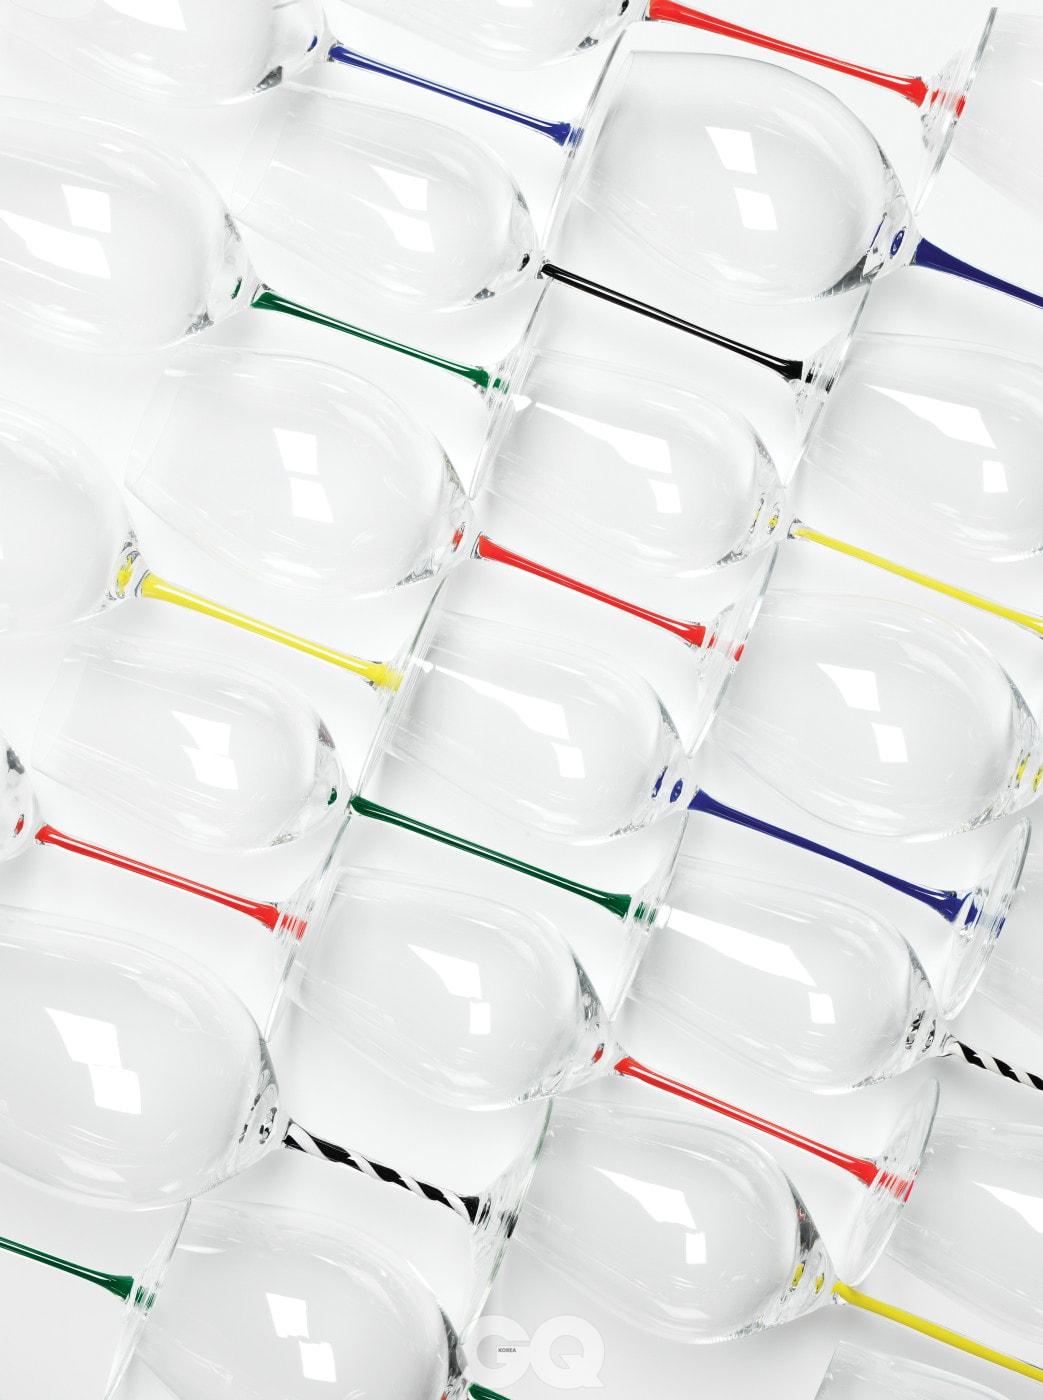 블랙, 다크 블루, 그린, 레드, 옐로우, 화이트, 블랙앤화이트 트위스트 스템까지 모두 7가지 색으로 출시된다. 와인 잔 모양은 총 8가지이며 각 12만원이다. @riedel_kr